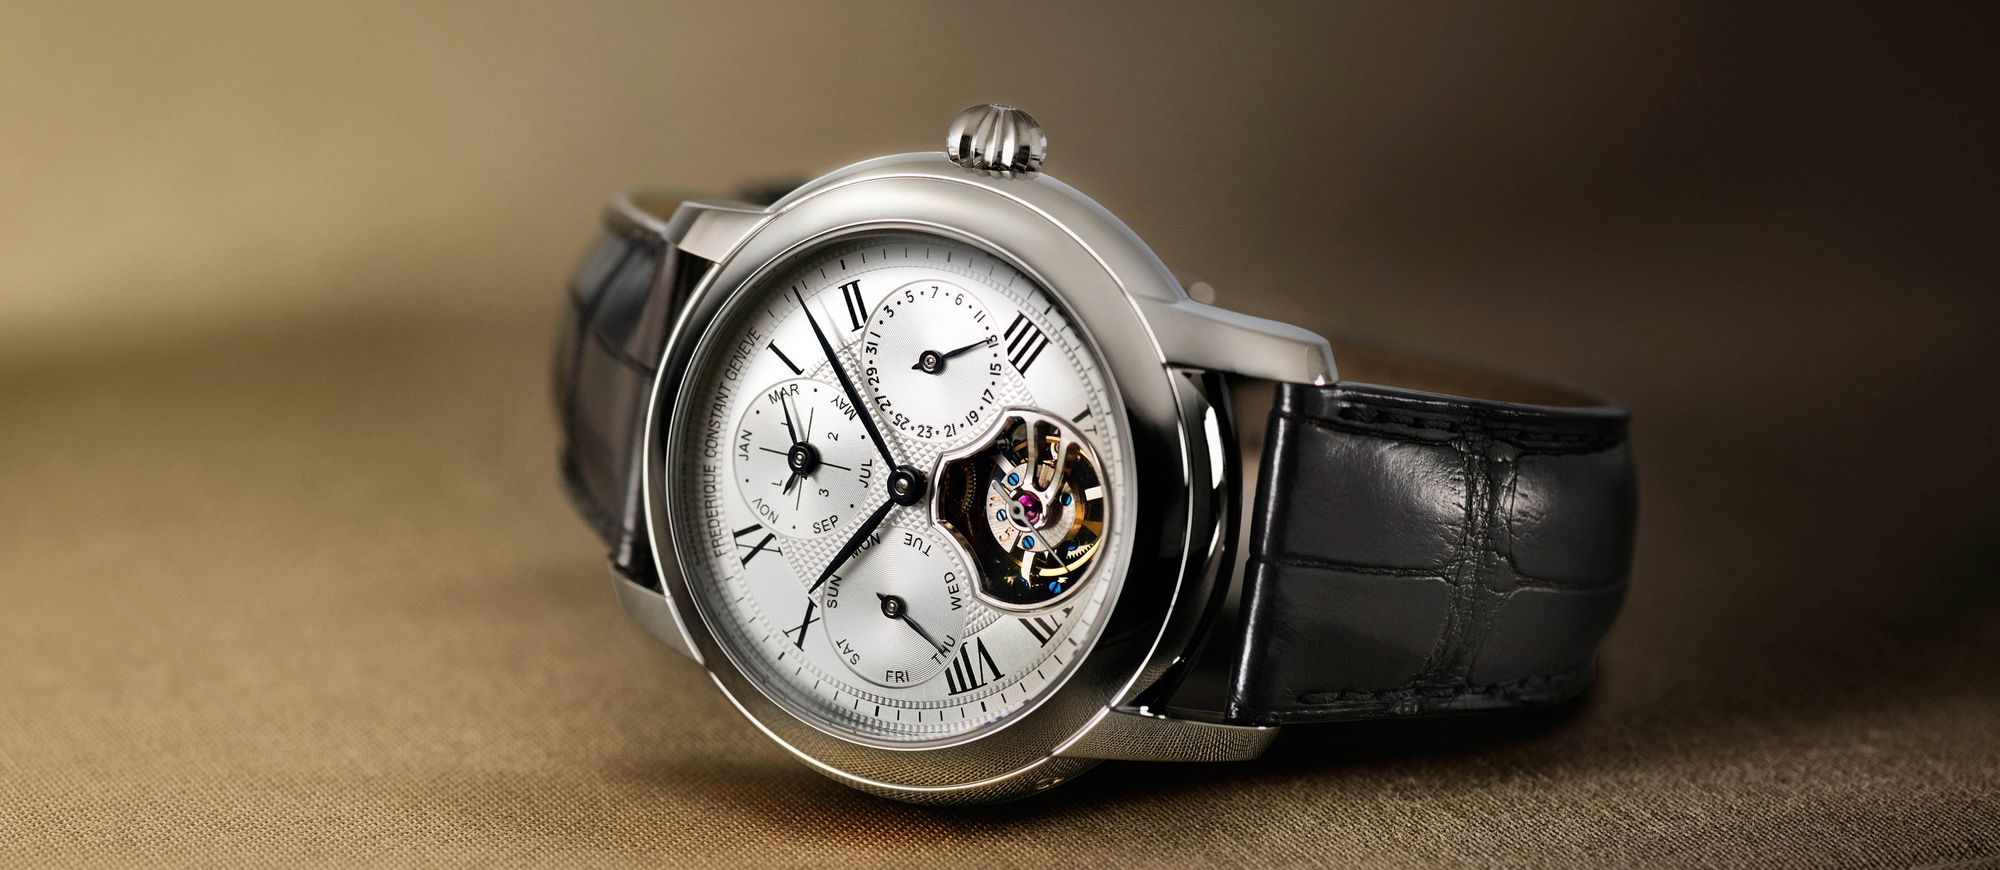 【每週一錶】一項複雜功能的錢,買兩項:Frederique Constant陀飛輪萬年曆